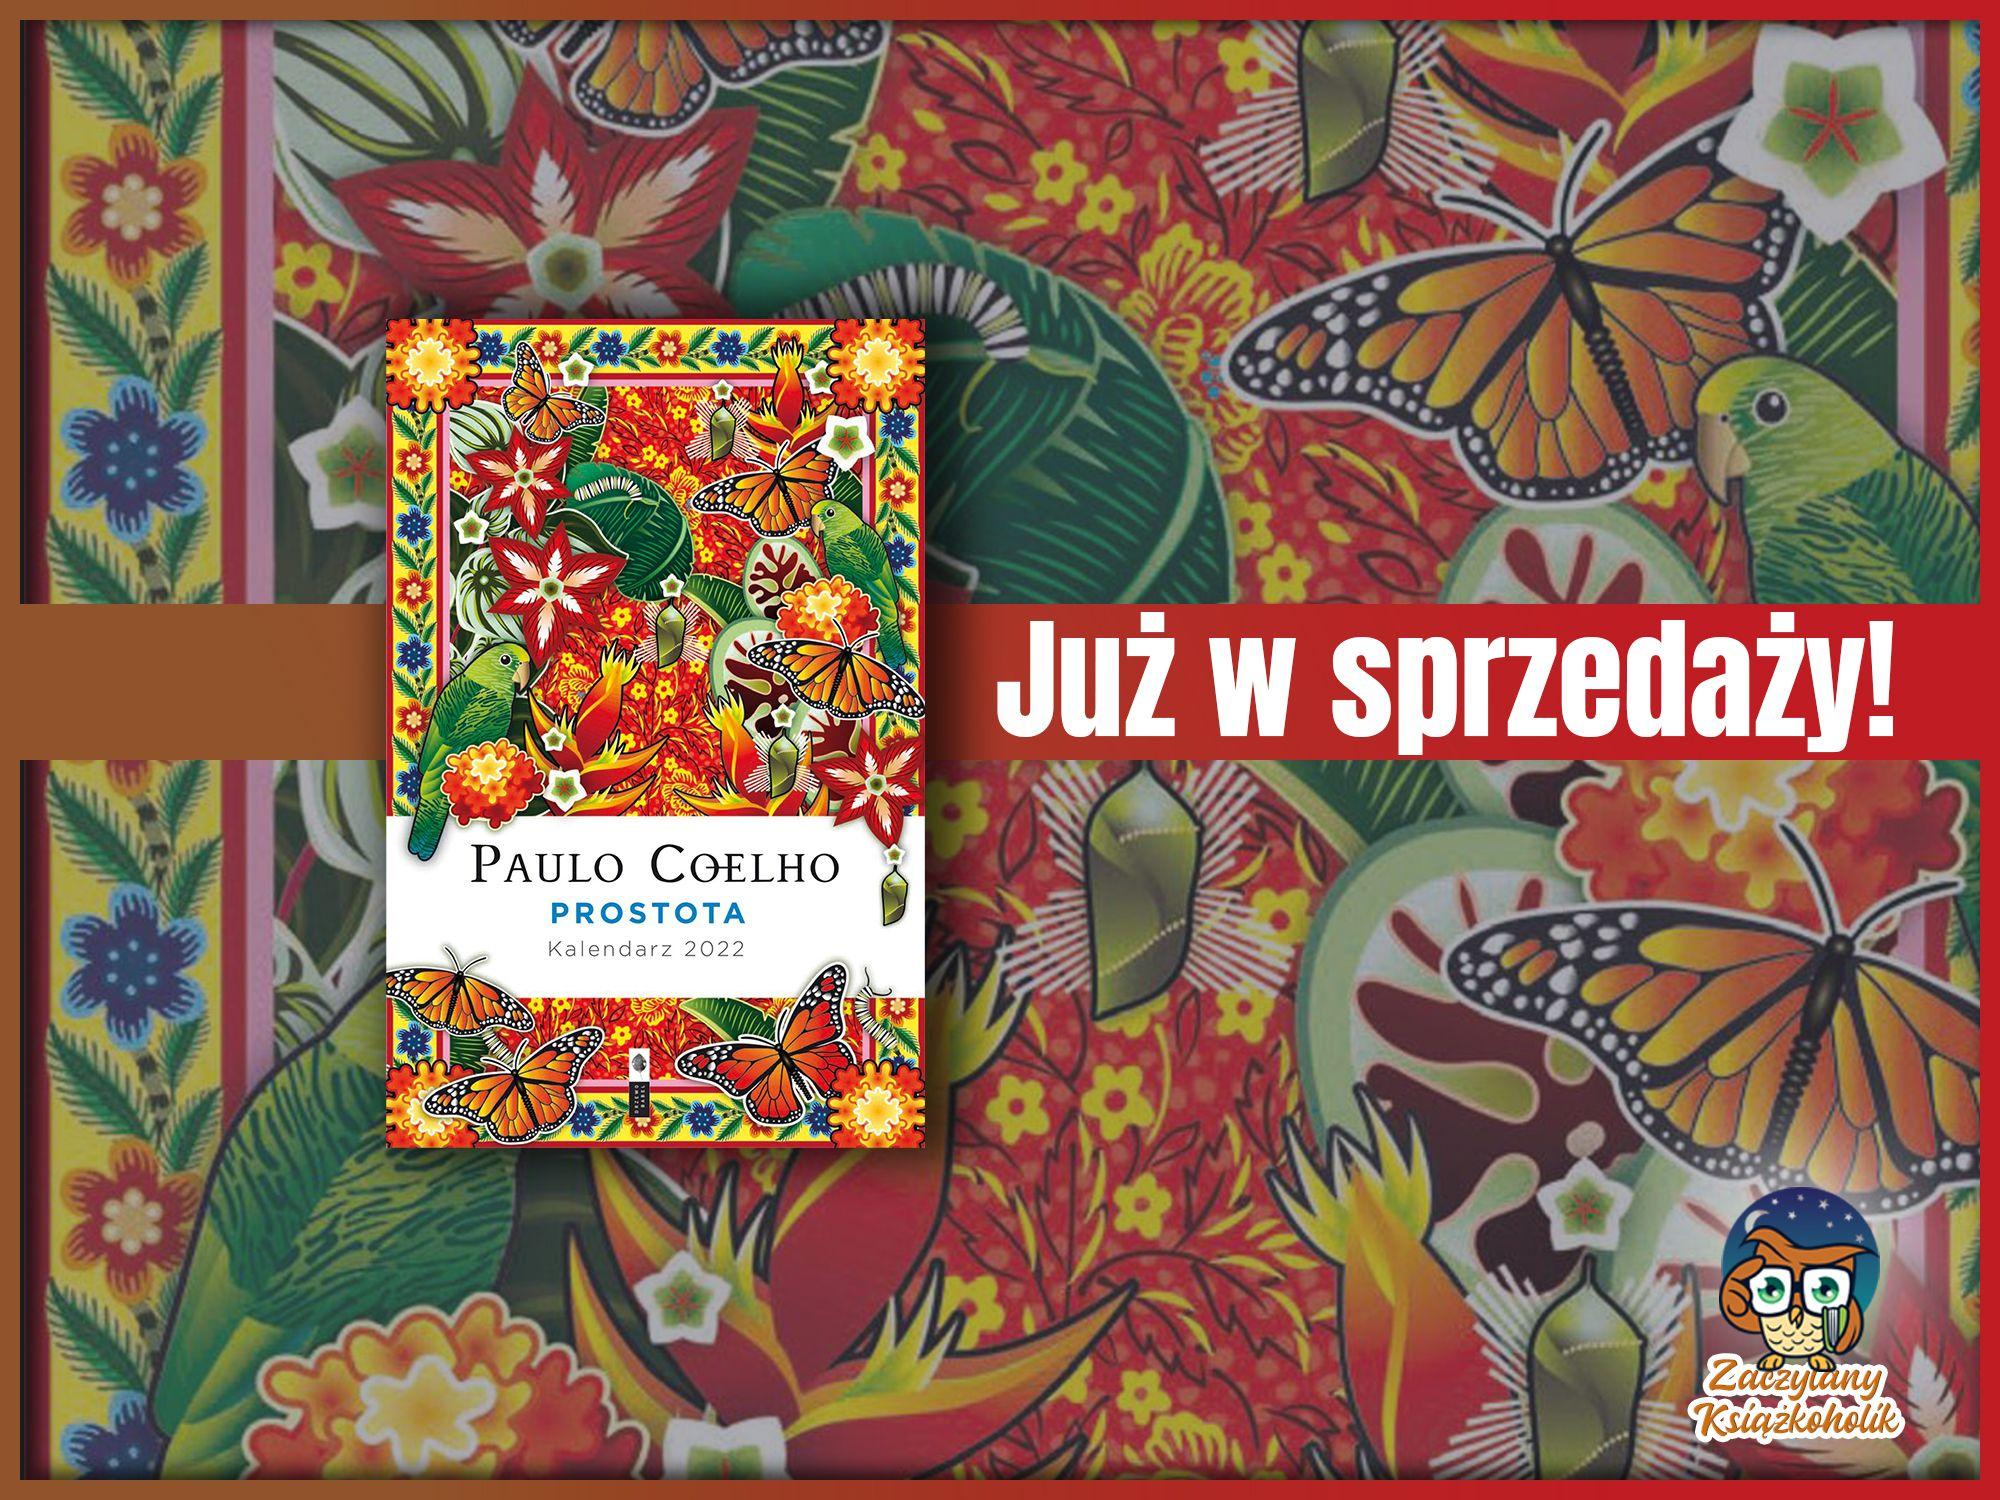 Prostota. Kalendarz 2022, Paulo Coelho, zaczytanyksiazkoholik.pl